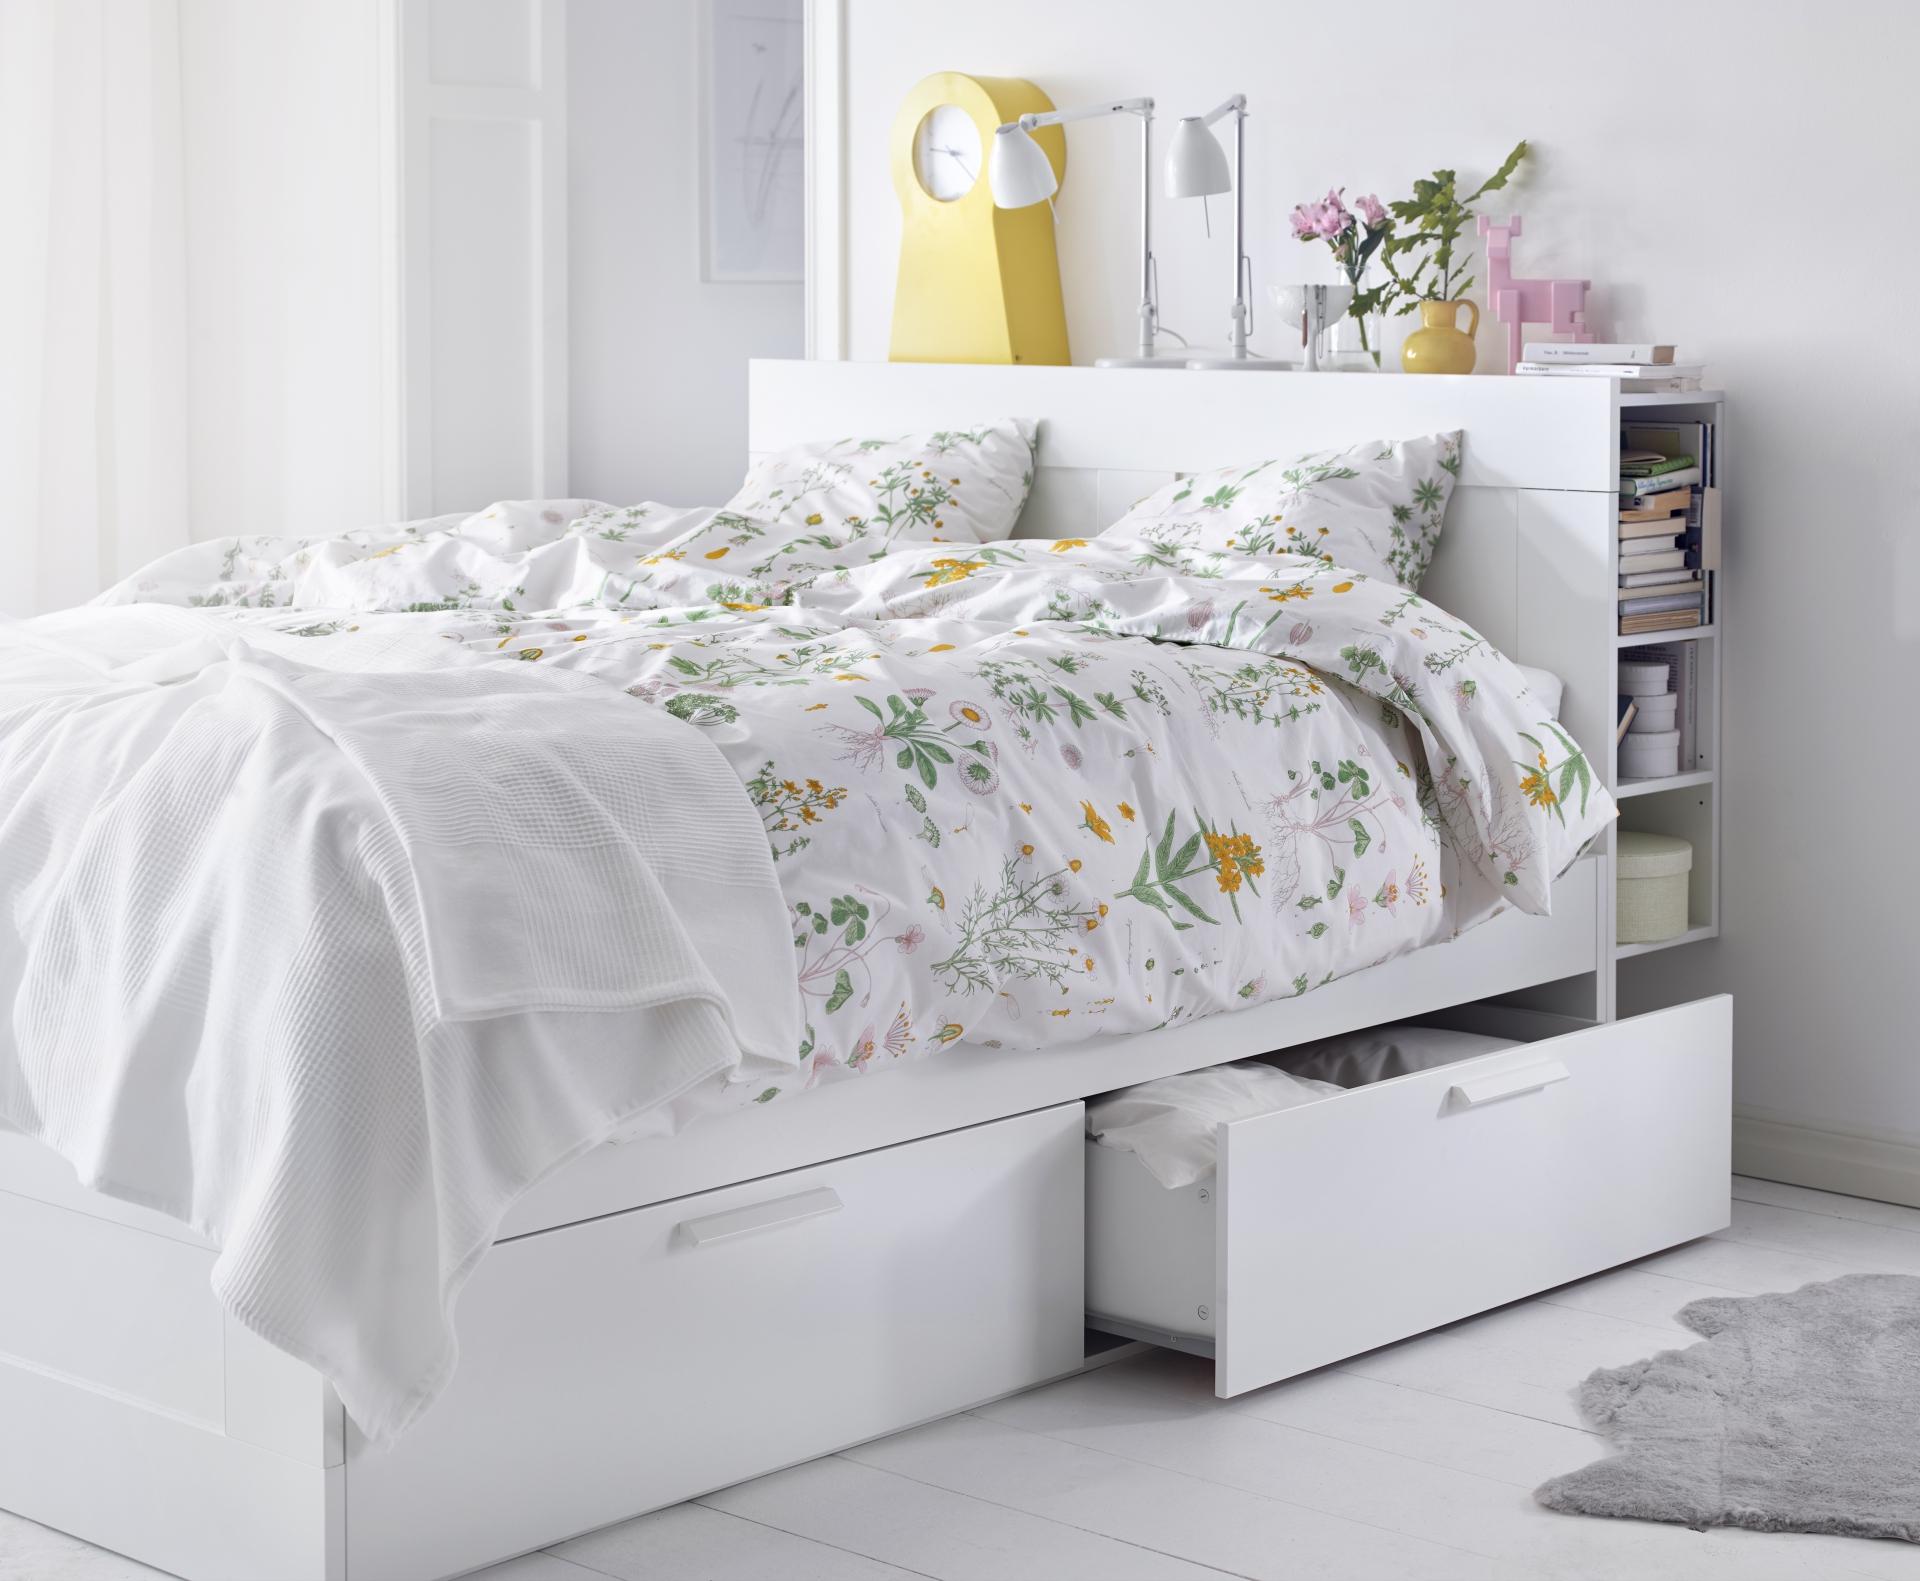 Soluciones para decorar y organizar un dormitorio peque o - Cama nido con cajones ikea ...